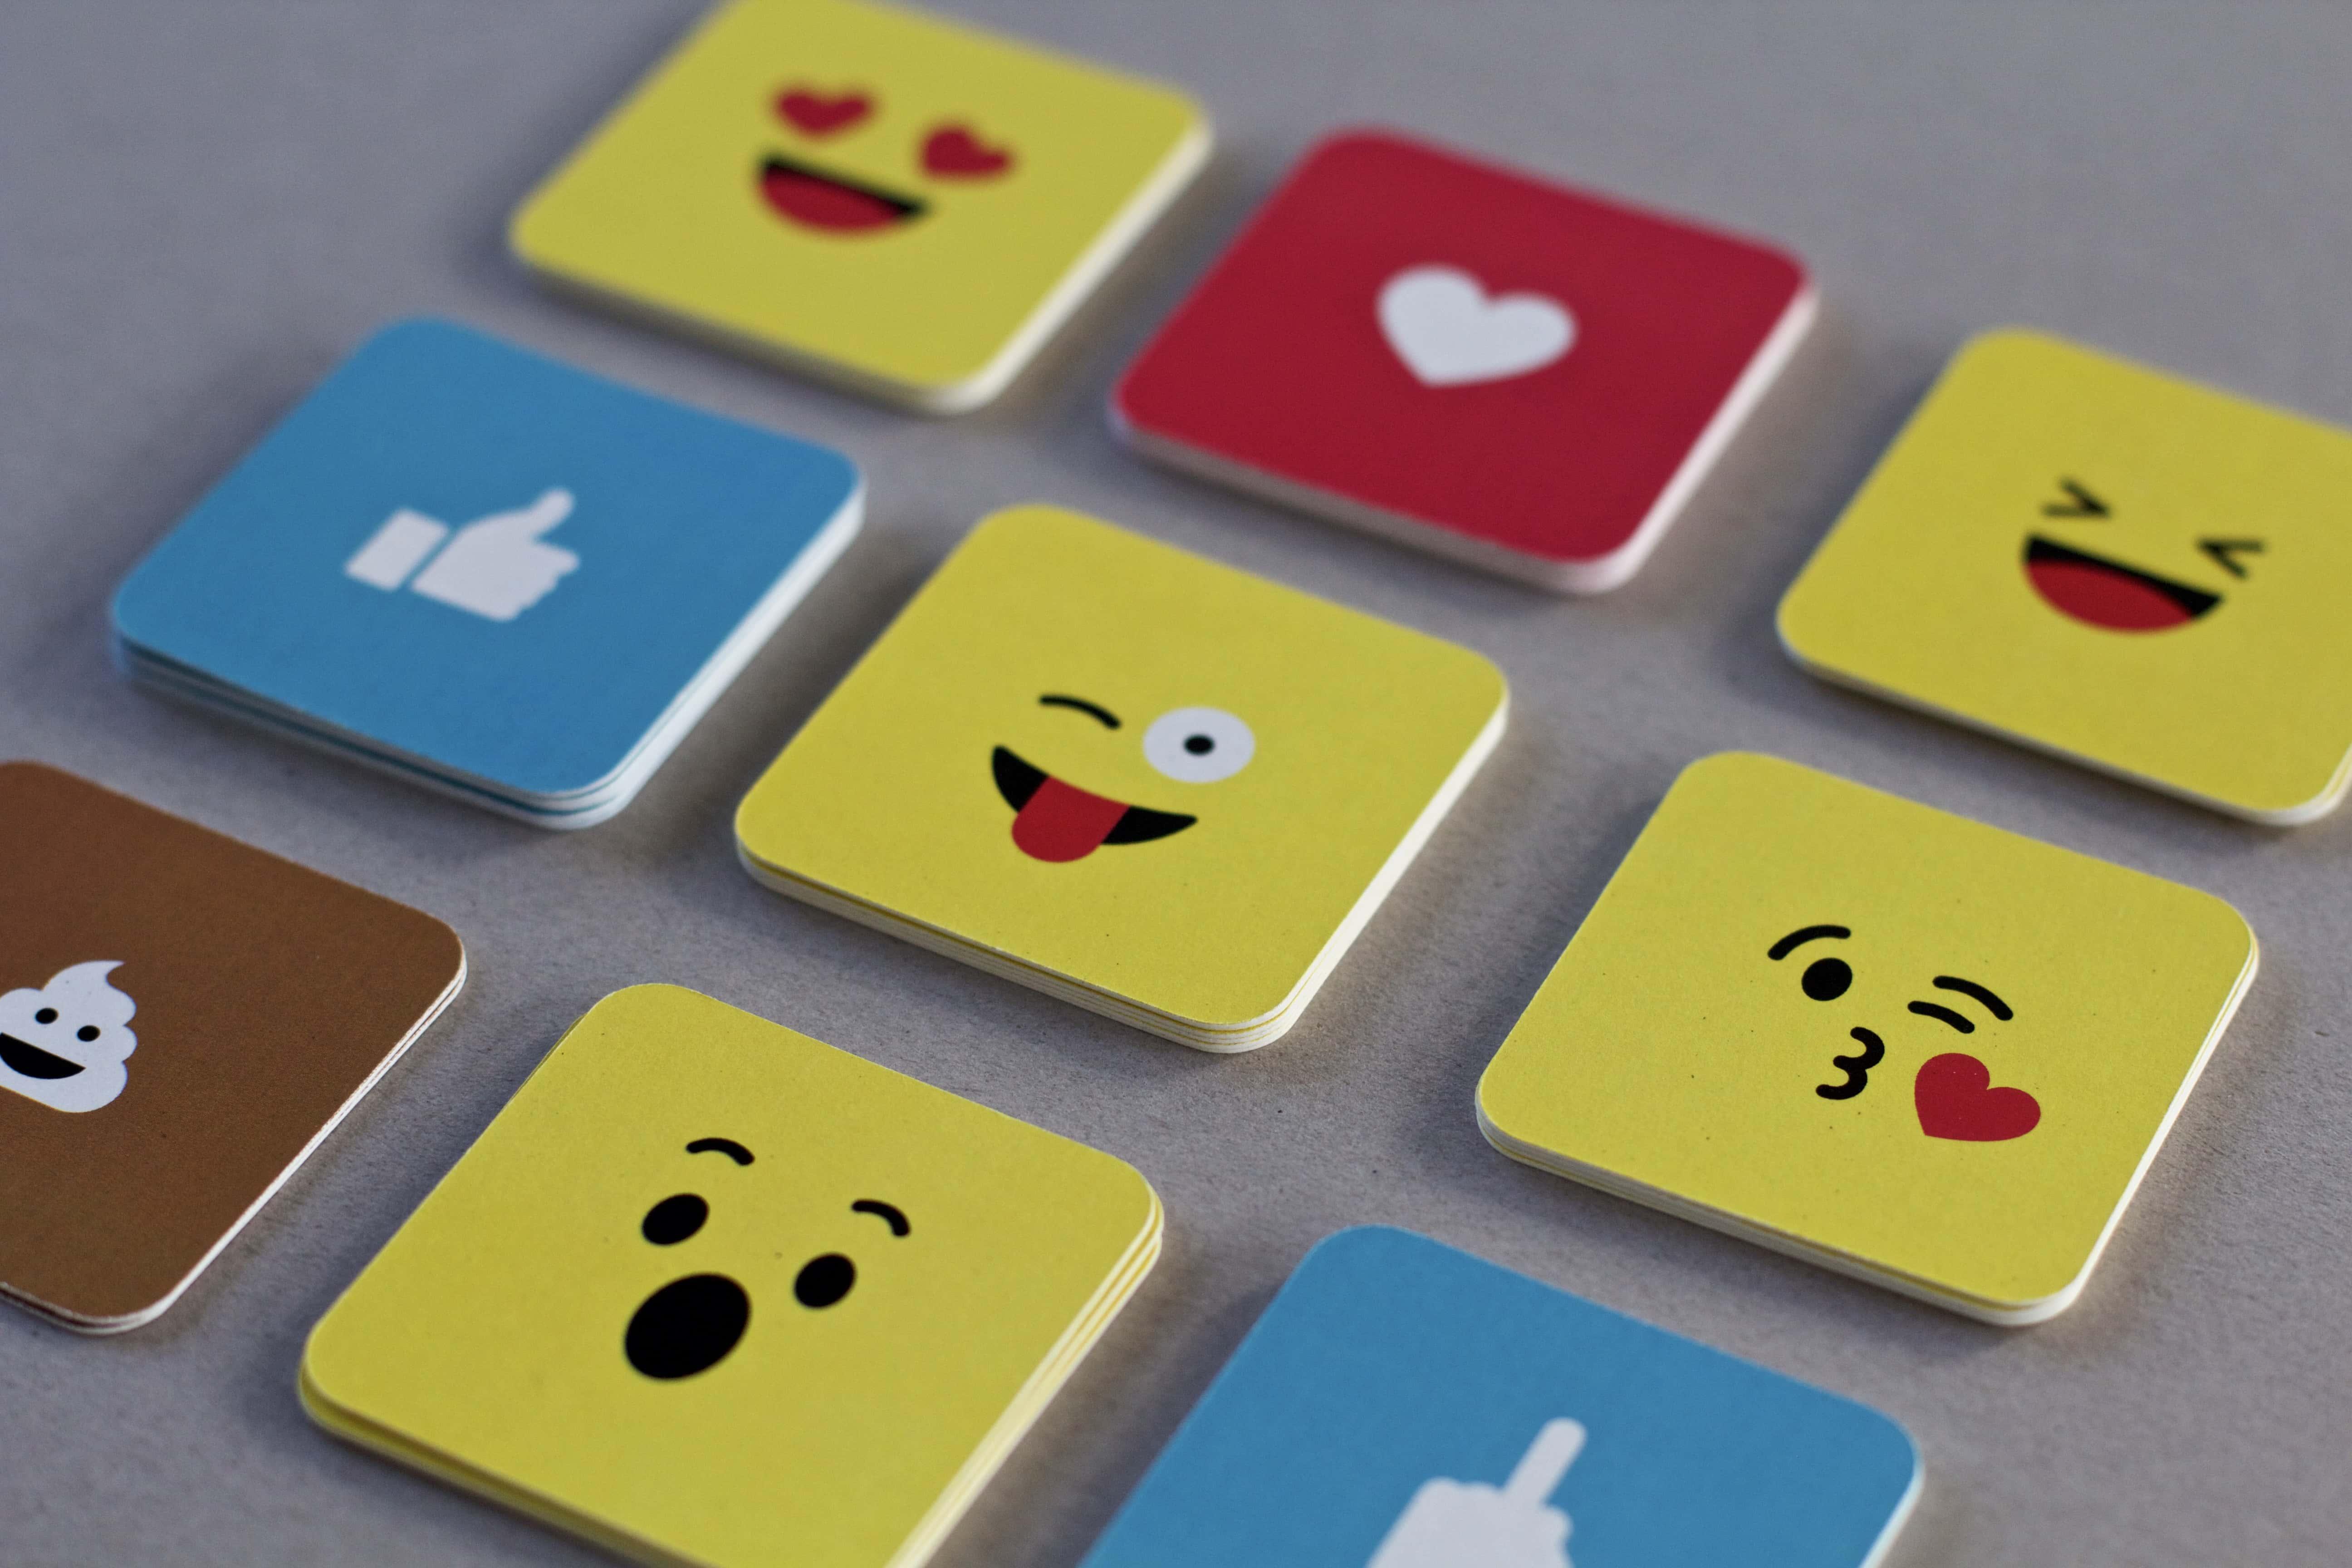 Migliora la tua credibilità aziendale attraverso il visual design